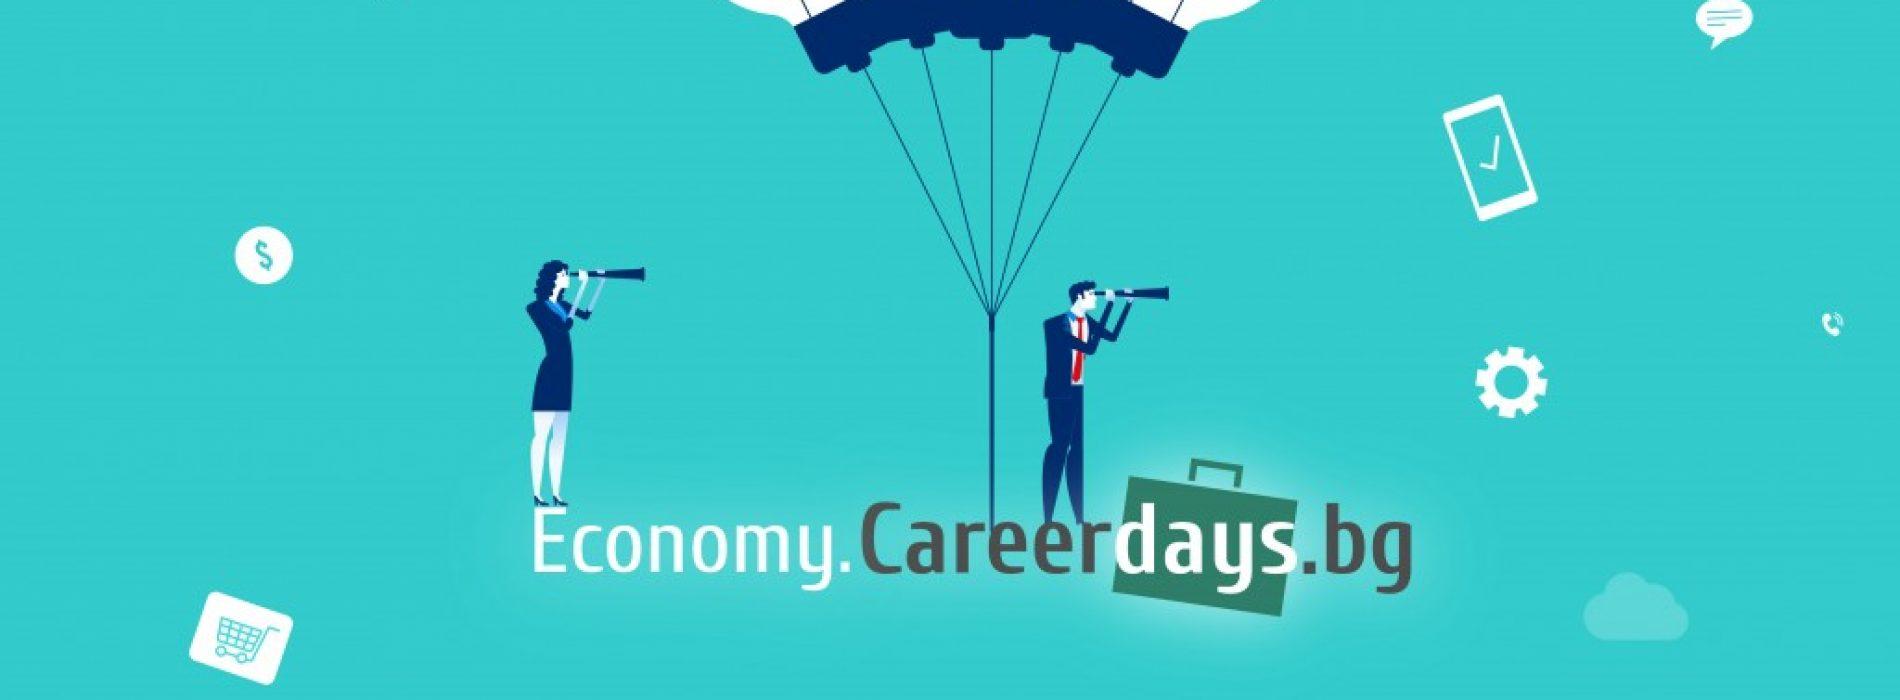 """""""Дни на кариерата: Икономика, Финанси, Маркетинг, Човешки ресурси и Обслужване на клиенти"""" – само ОНЛАЙН на 1-и декември 2020"""